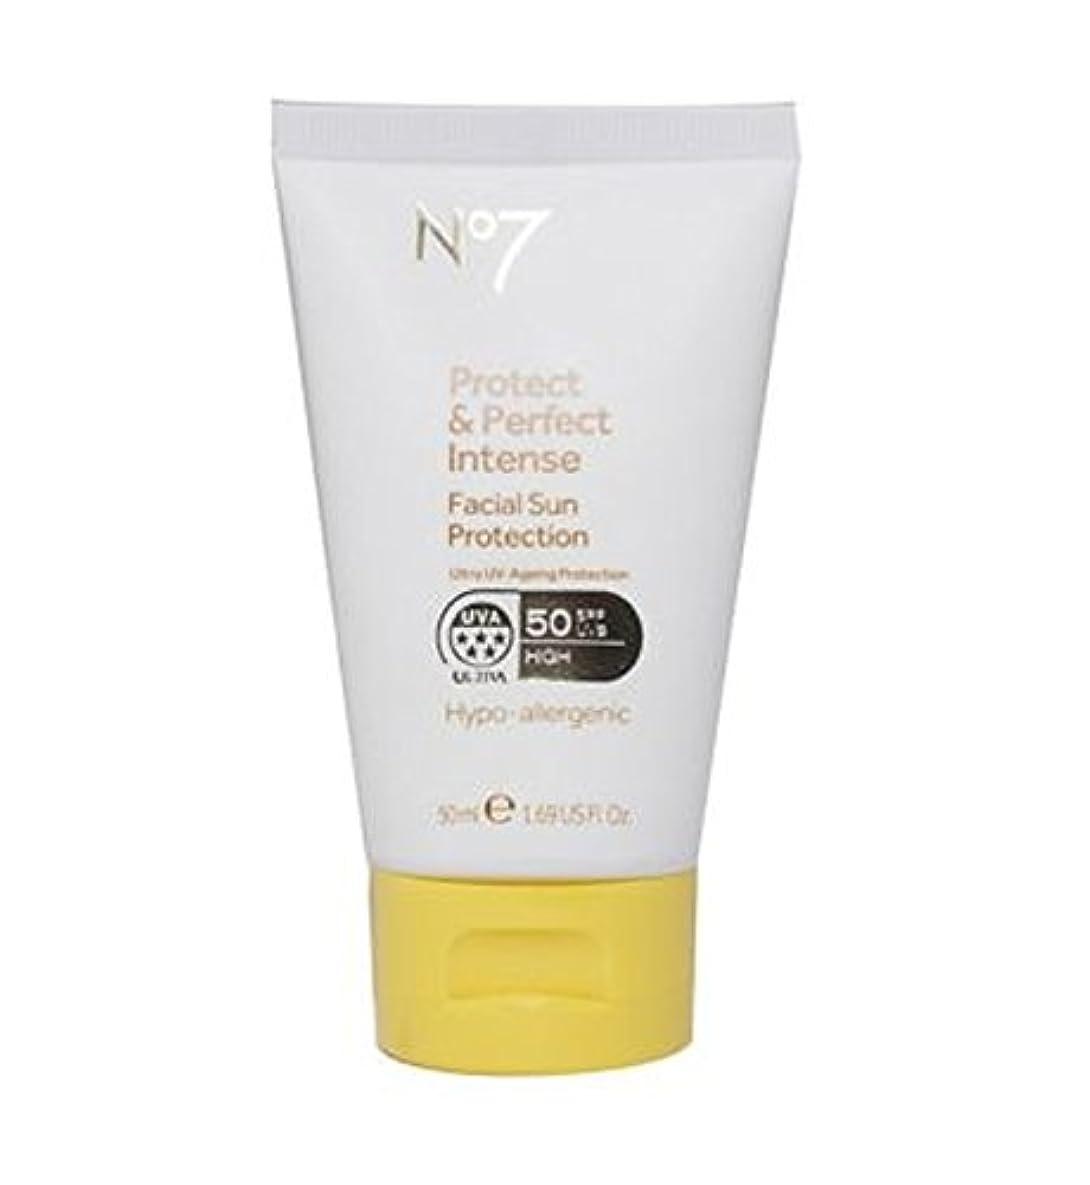 広げる少数荒野No7保護&完璧な強烈な顔の日焼け防止Spf 50 50ミリリットル (No7) (x2) - No7 Protect & Perfect Intense Facial Sun Protection SPF 50 50ml...